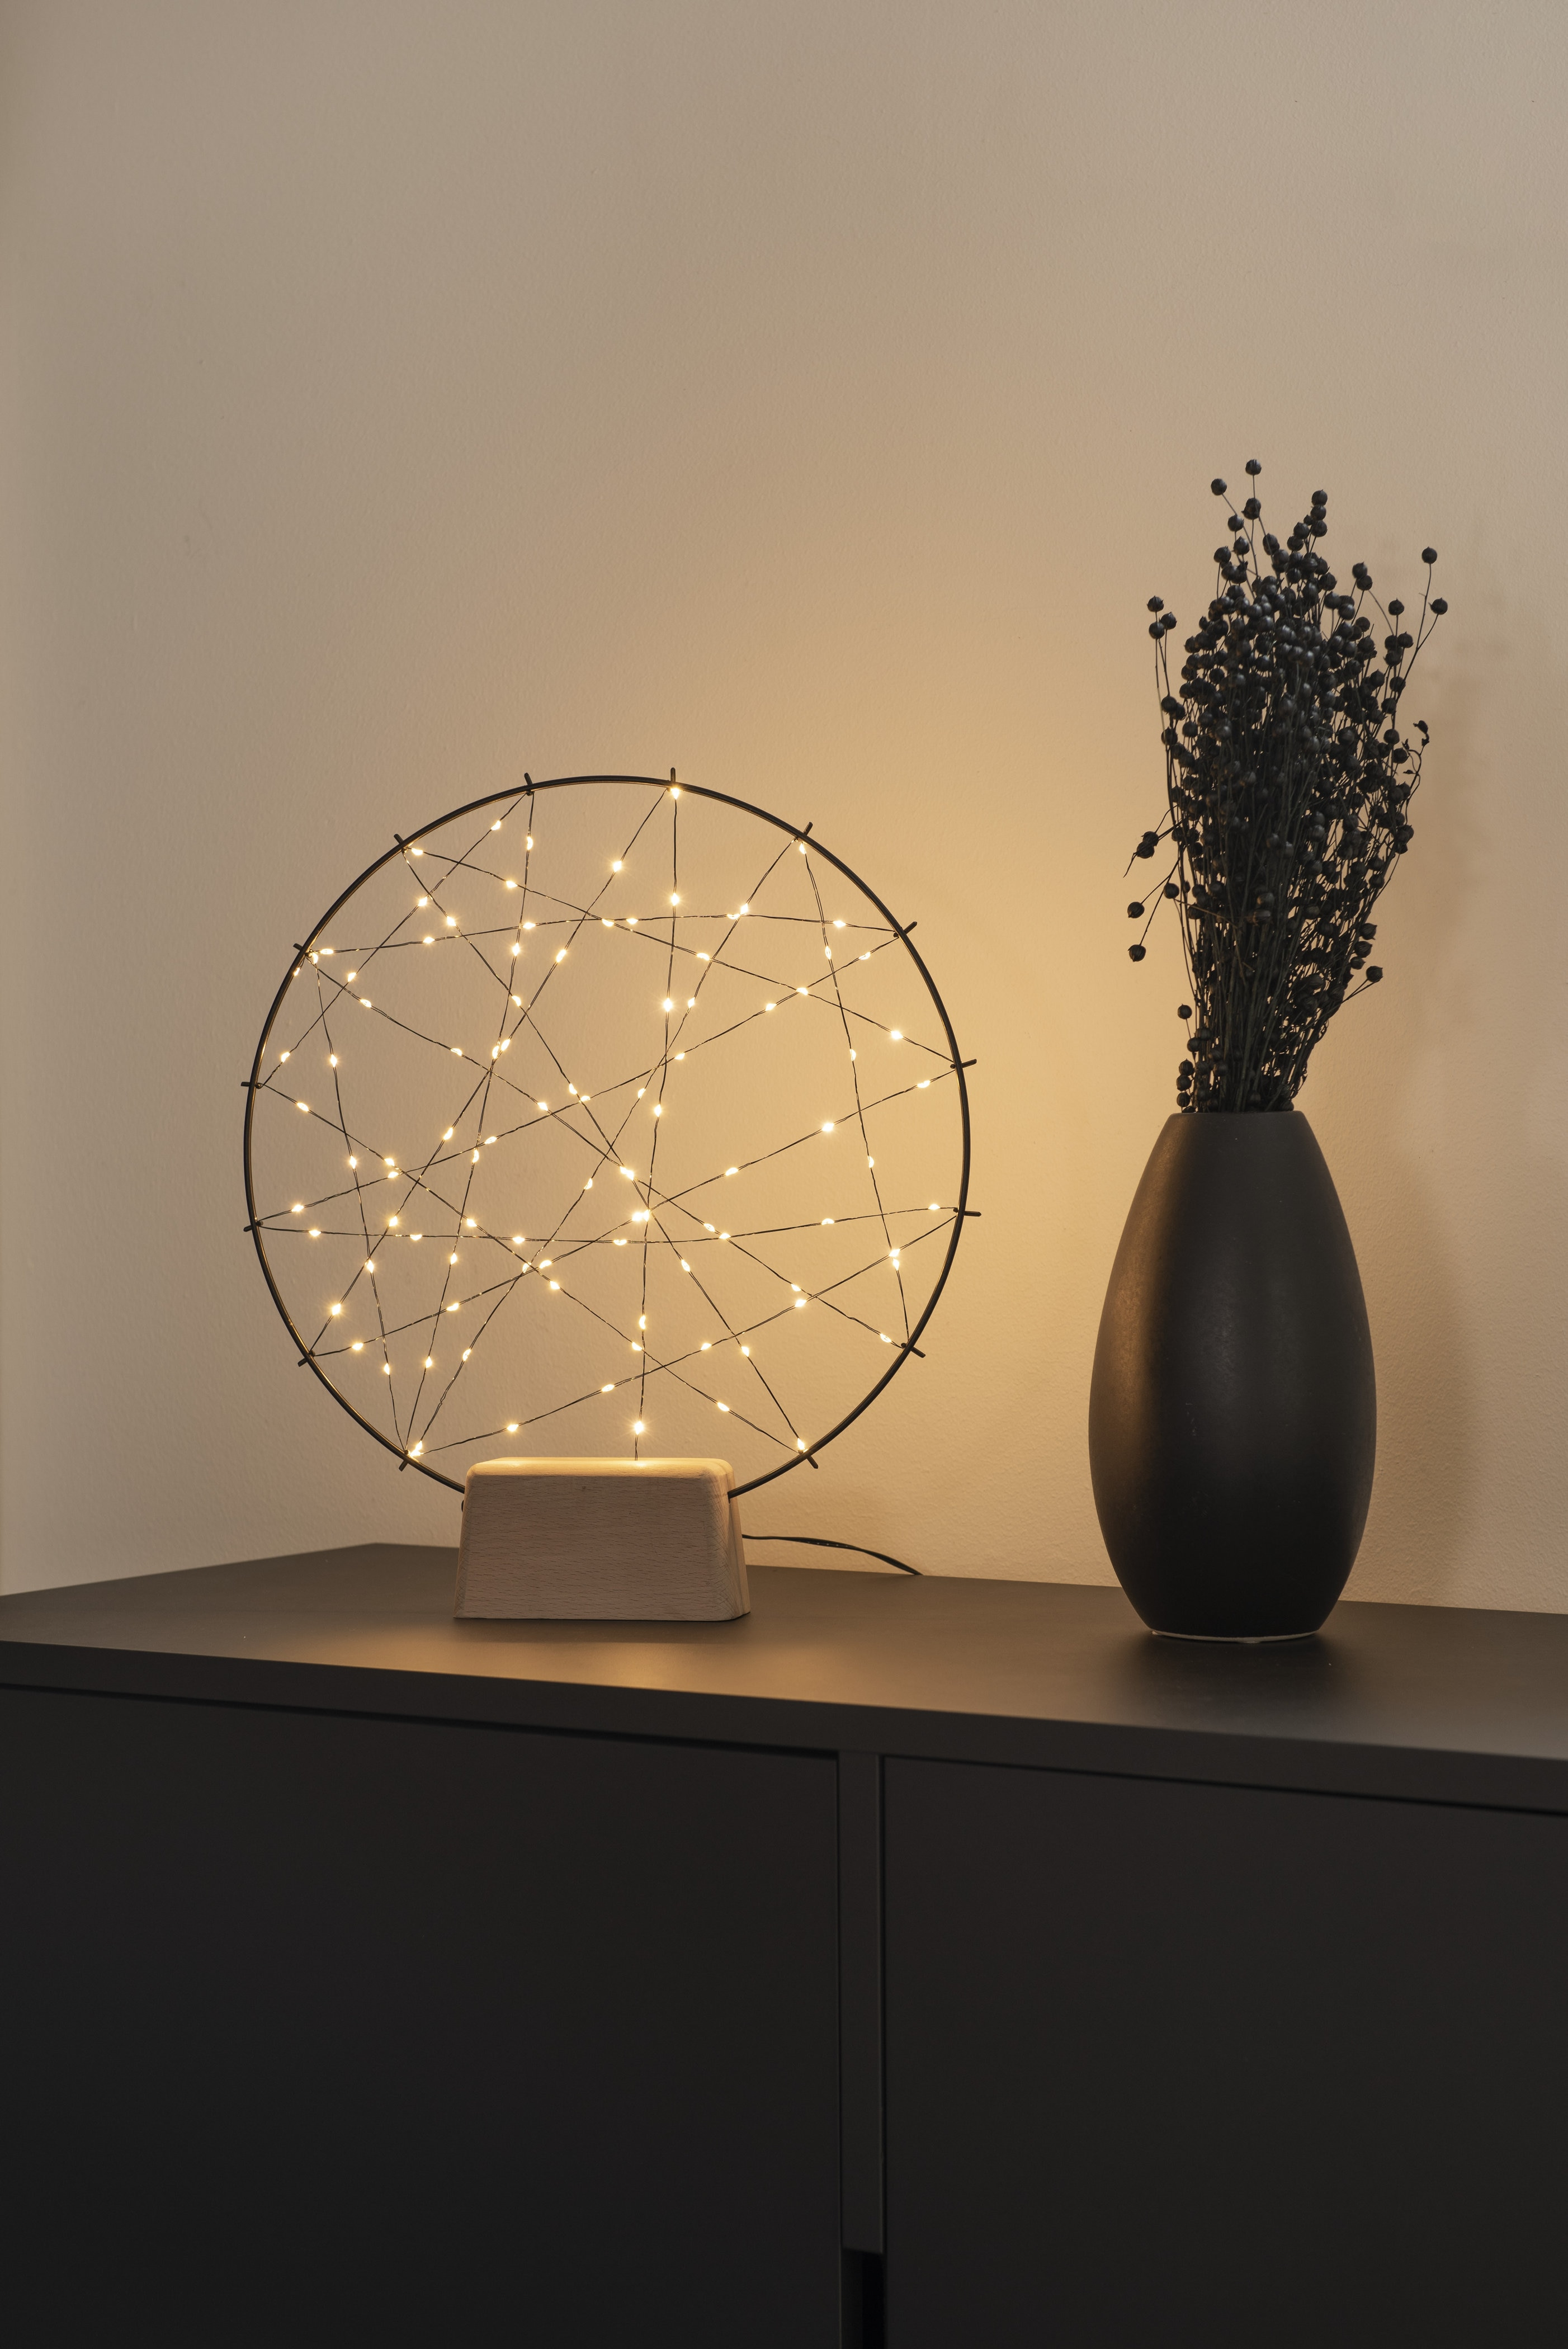 Dekoratīvs apaļš apgaismojums Dreamcatcher 100